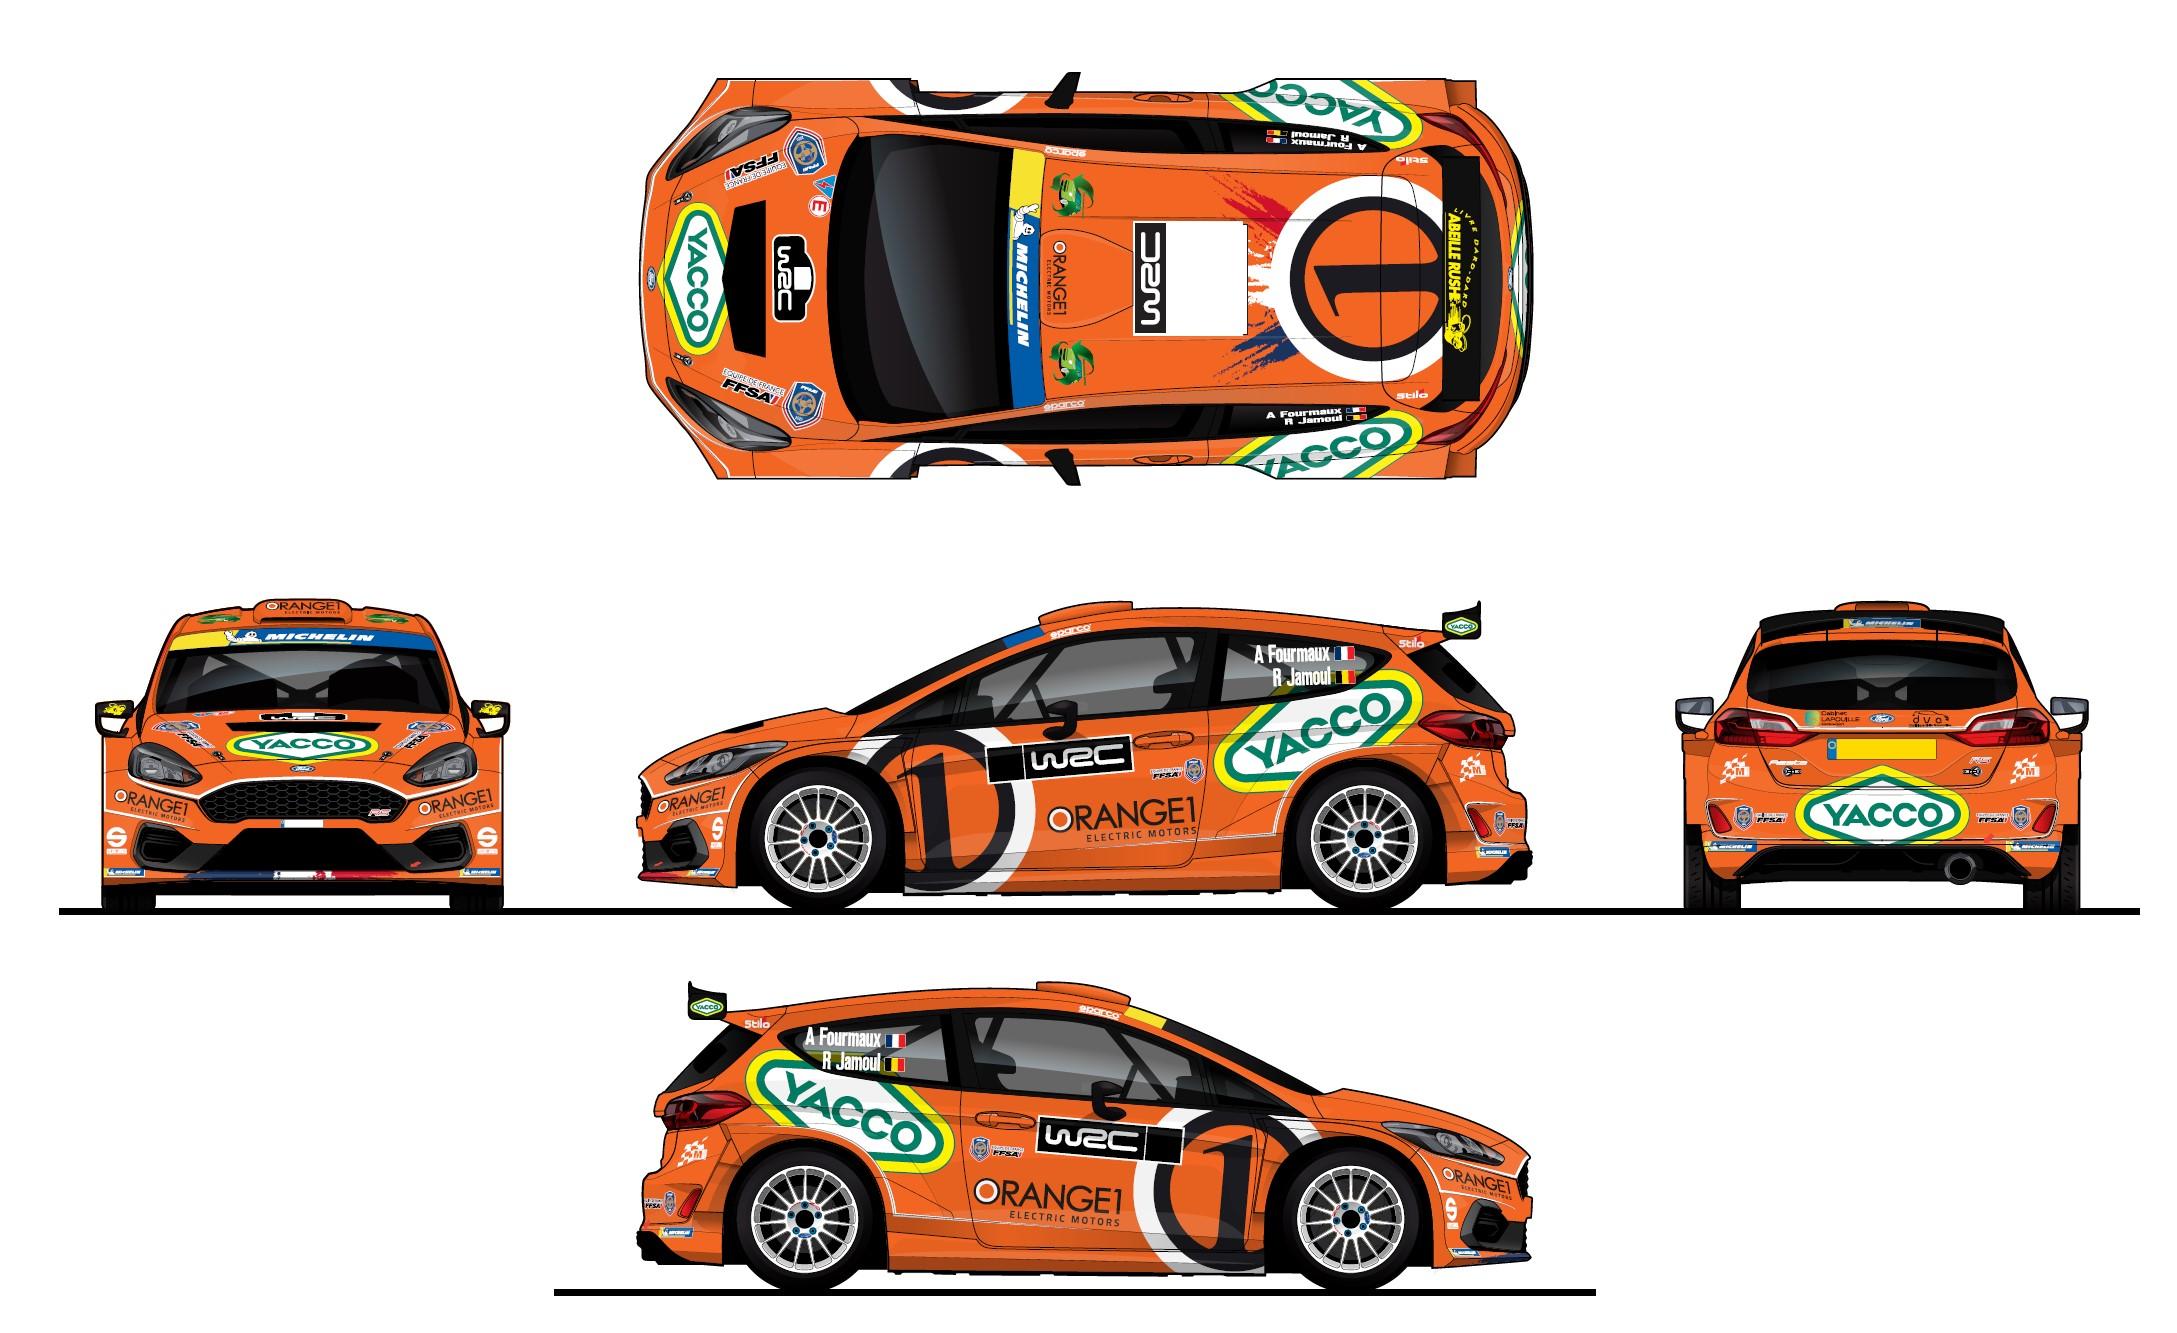 M-Sport dedica una livrea celebrativa ad ORANGE1 per l'appuntamento tricolore del Campionato Europeo Rally – Simone Campedelli con Orange1 Racing fino al 2024